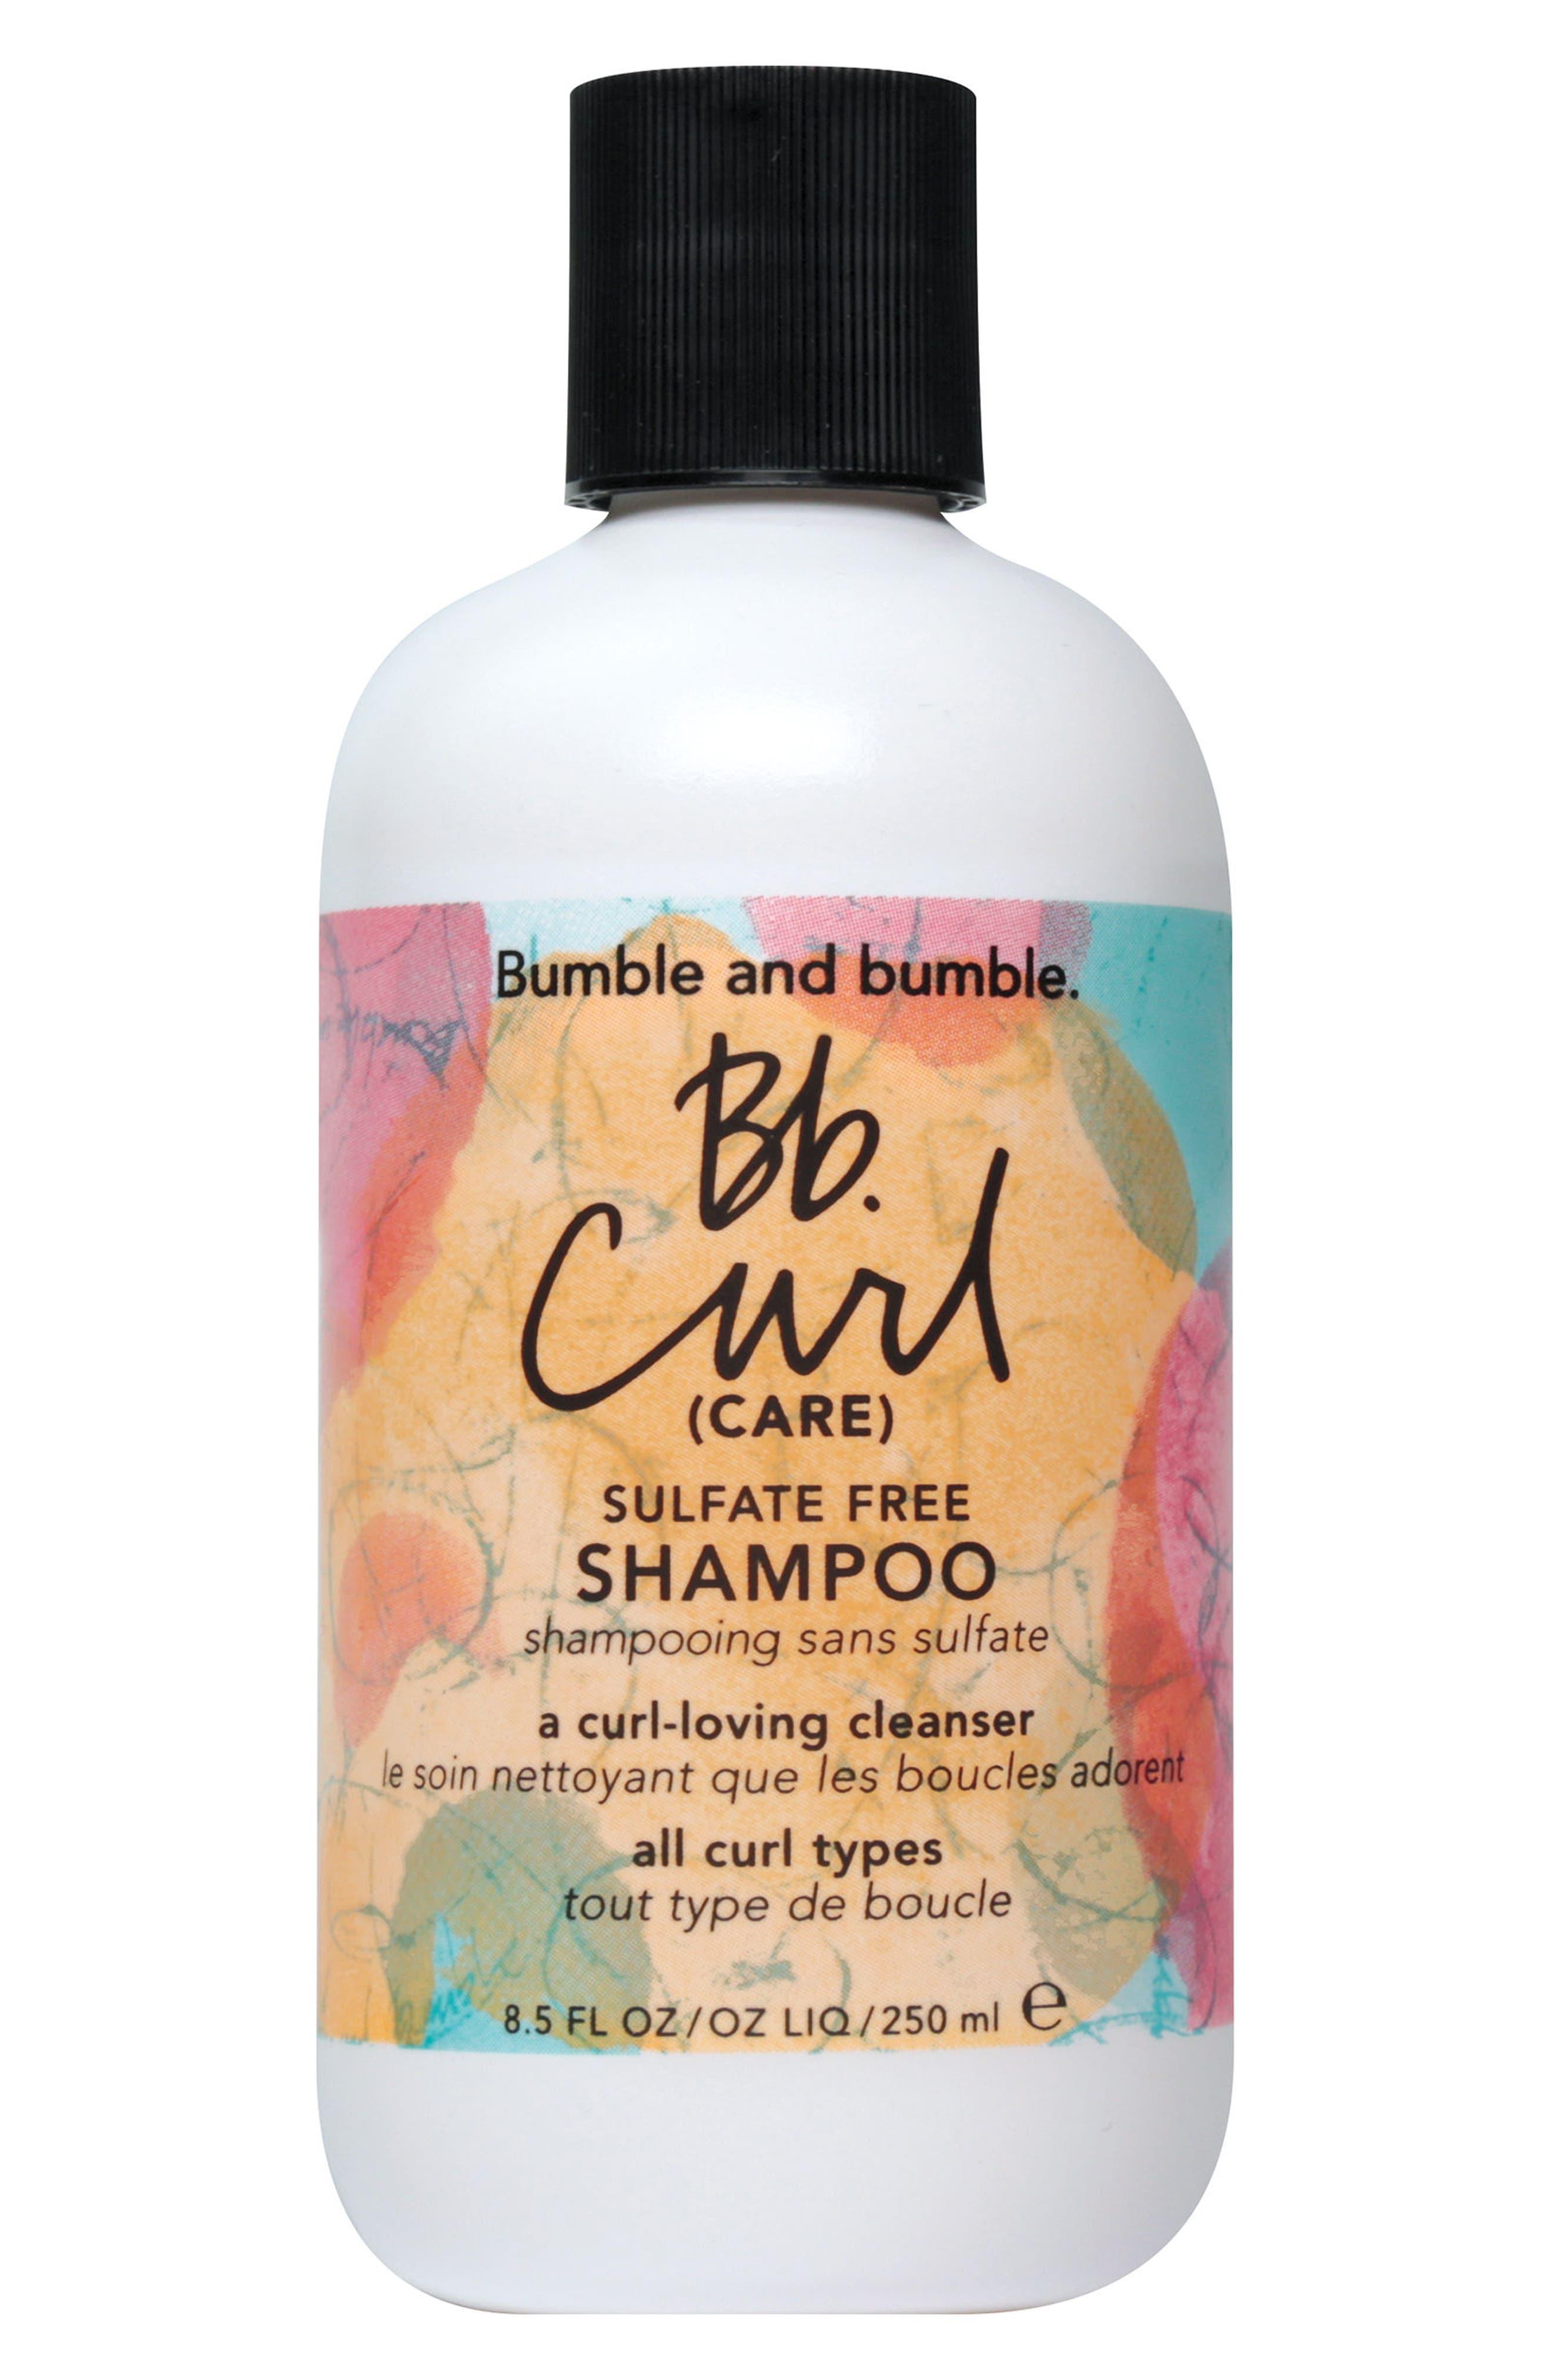 BUMBLE AND BUMBLE. Bumble and bumble Curl Shampoo, Main, color, NO COLOR